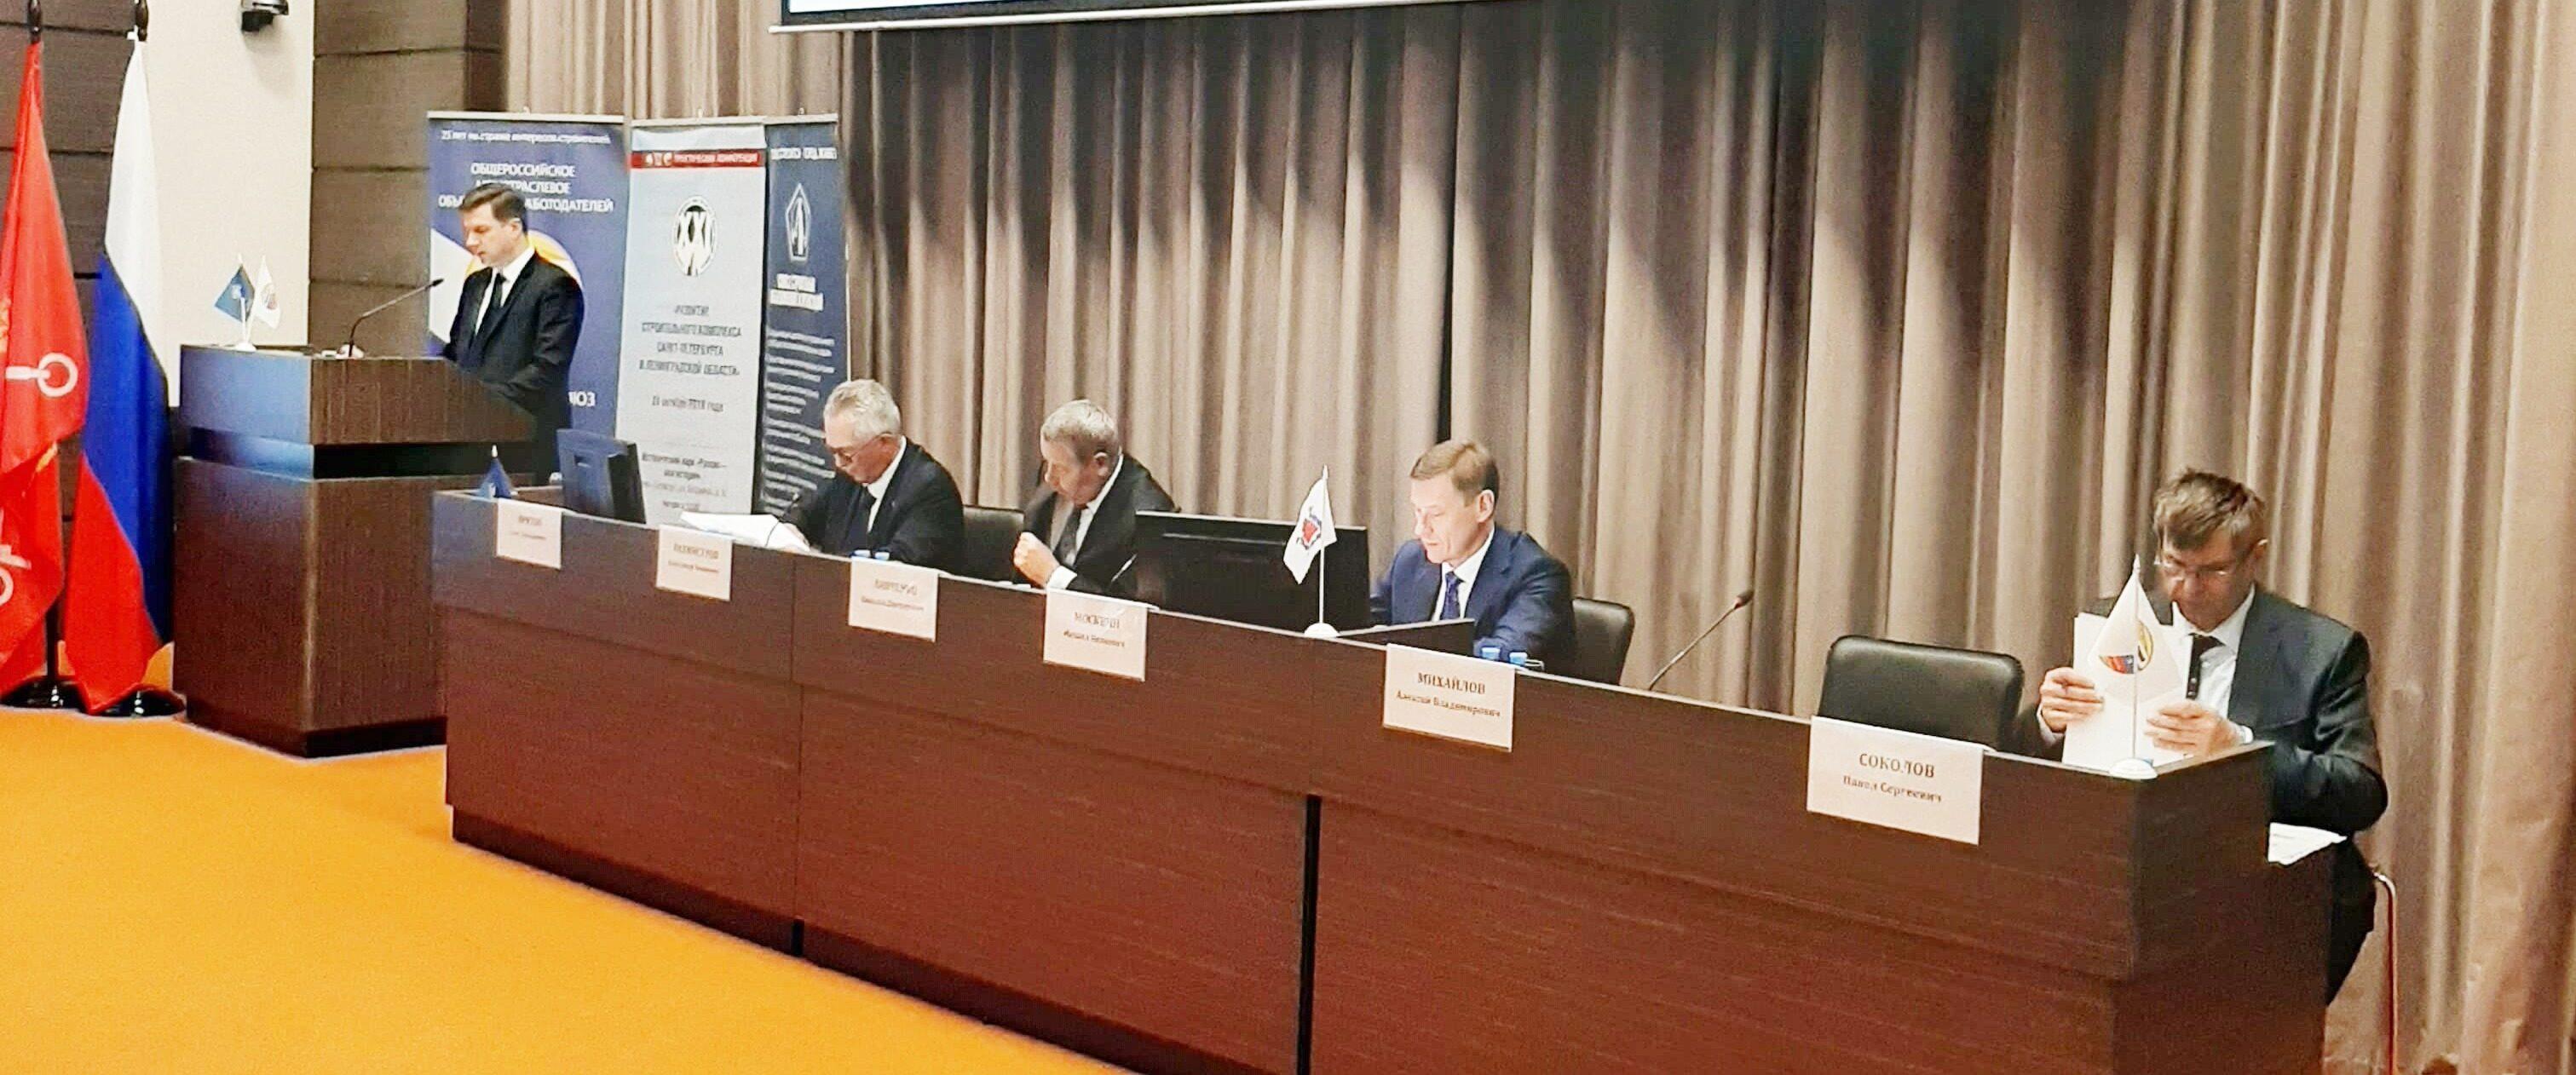 XXI практическая конференция «Развитие строительного комплекса Санкт-Петербурга и Ленинградской области»